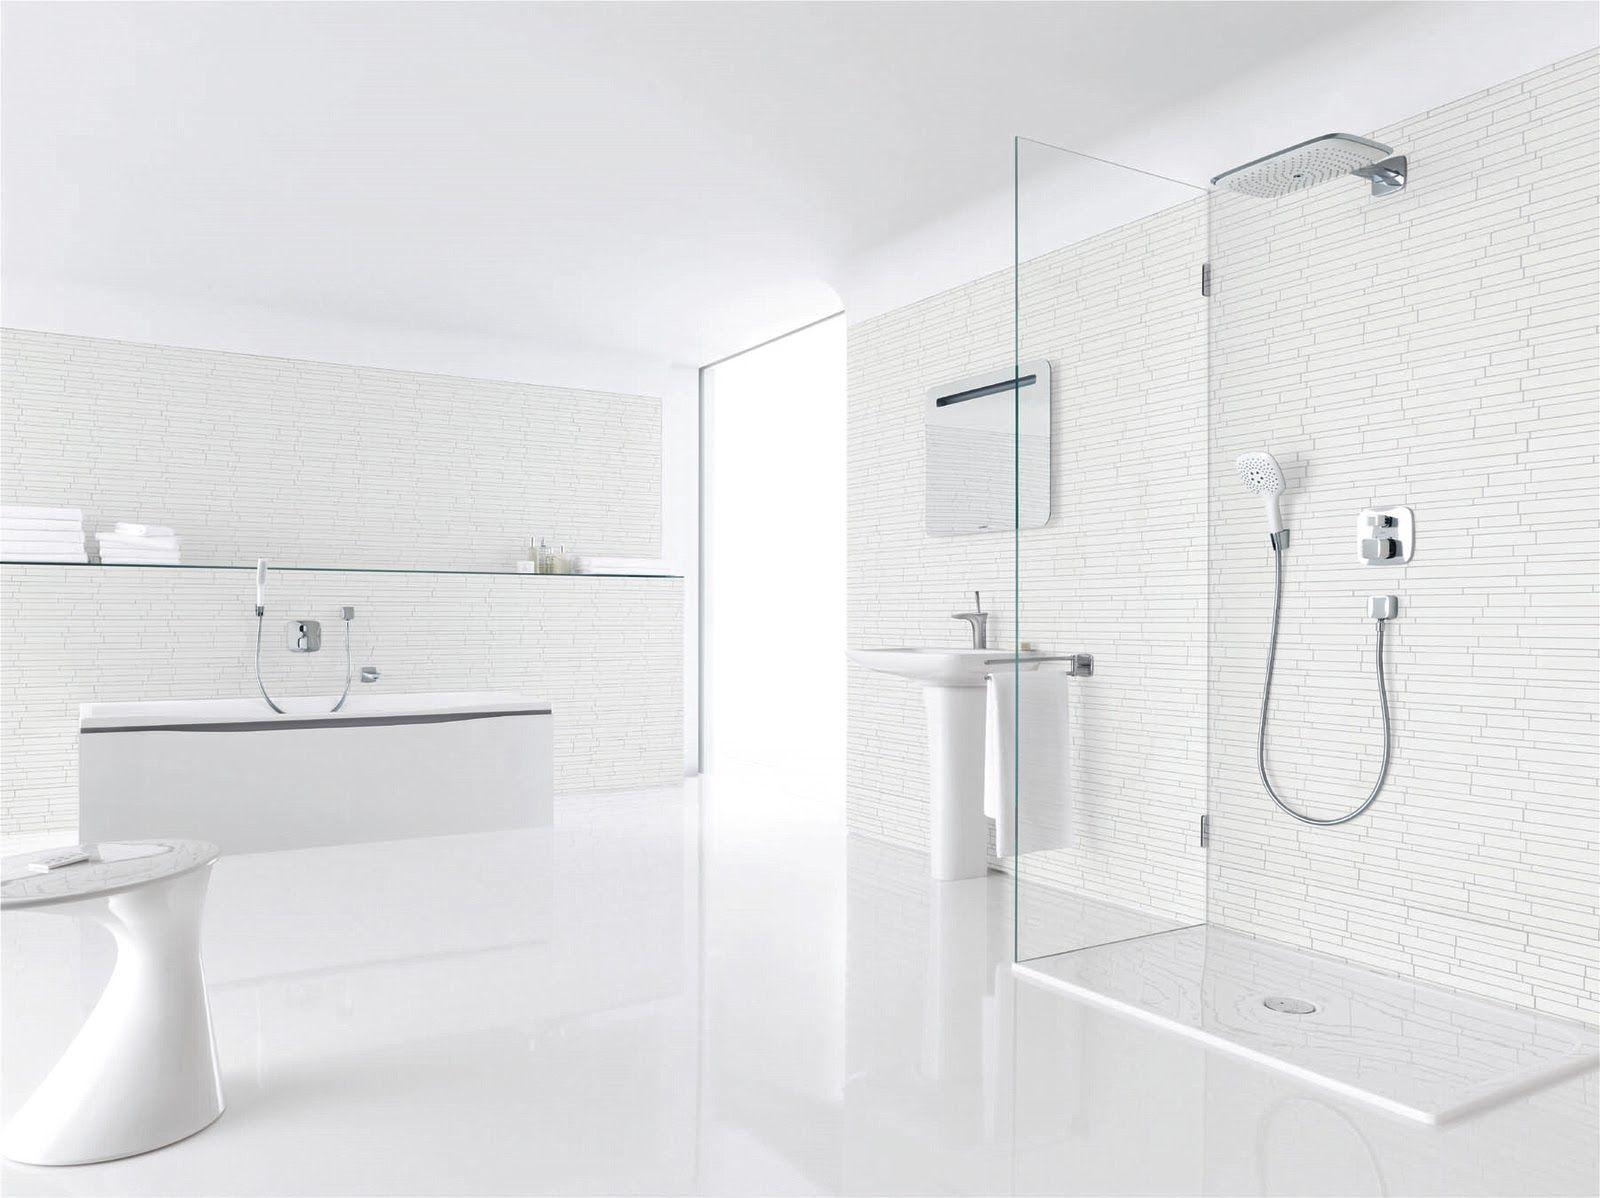 Teppich Badezimmer ~ Badezimmer teppich waschbeckenschrank spiegel badezimmer ideen